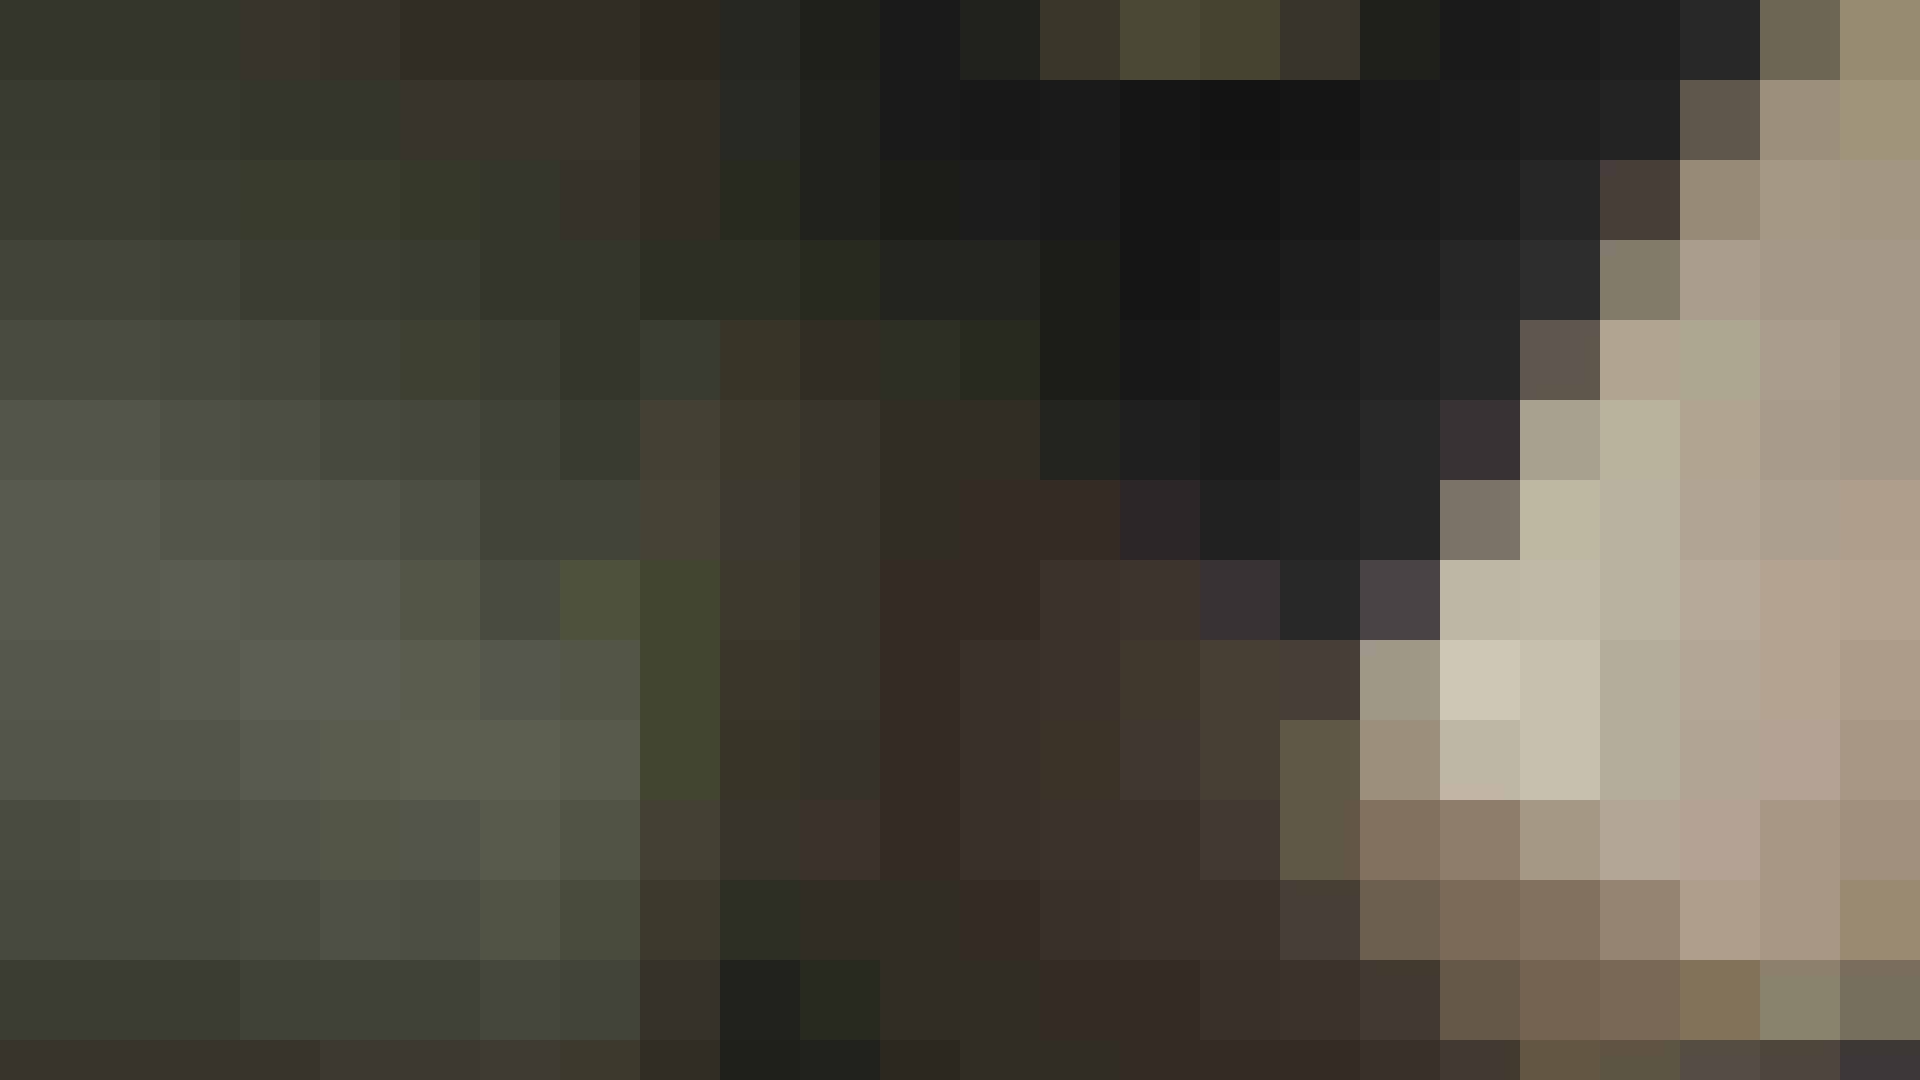 阿国ちゃんの「和式洋式七変化」No.18 iBO(フタコブ) 洗面所着替え   和式  83連発 10